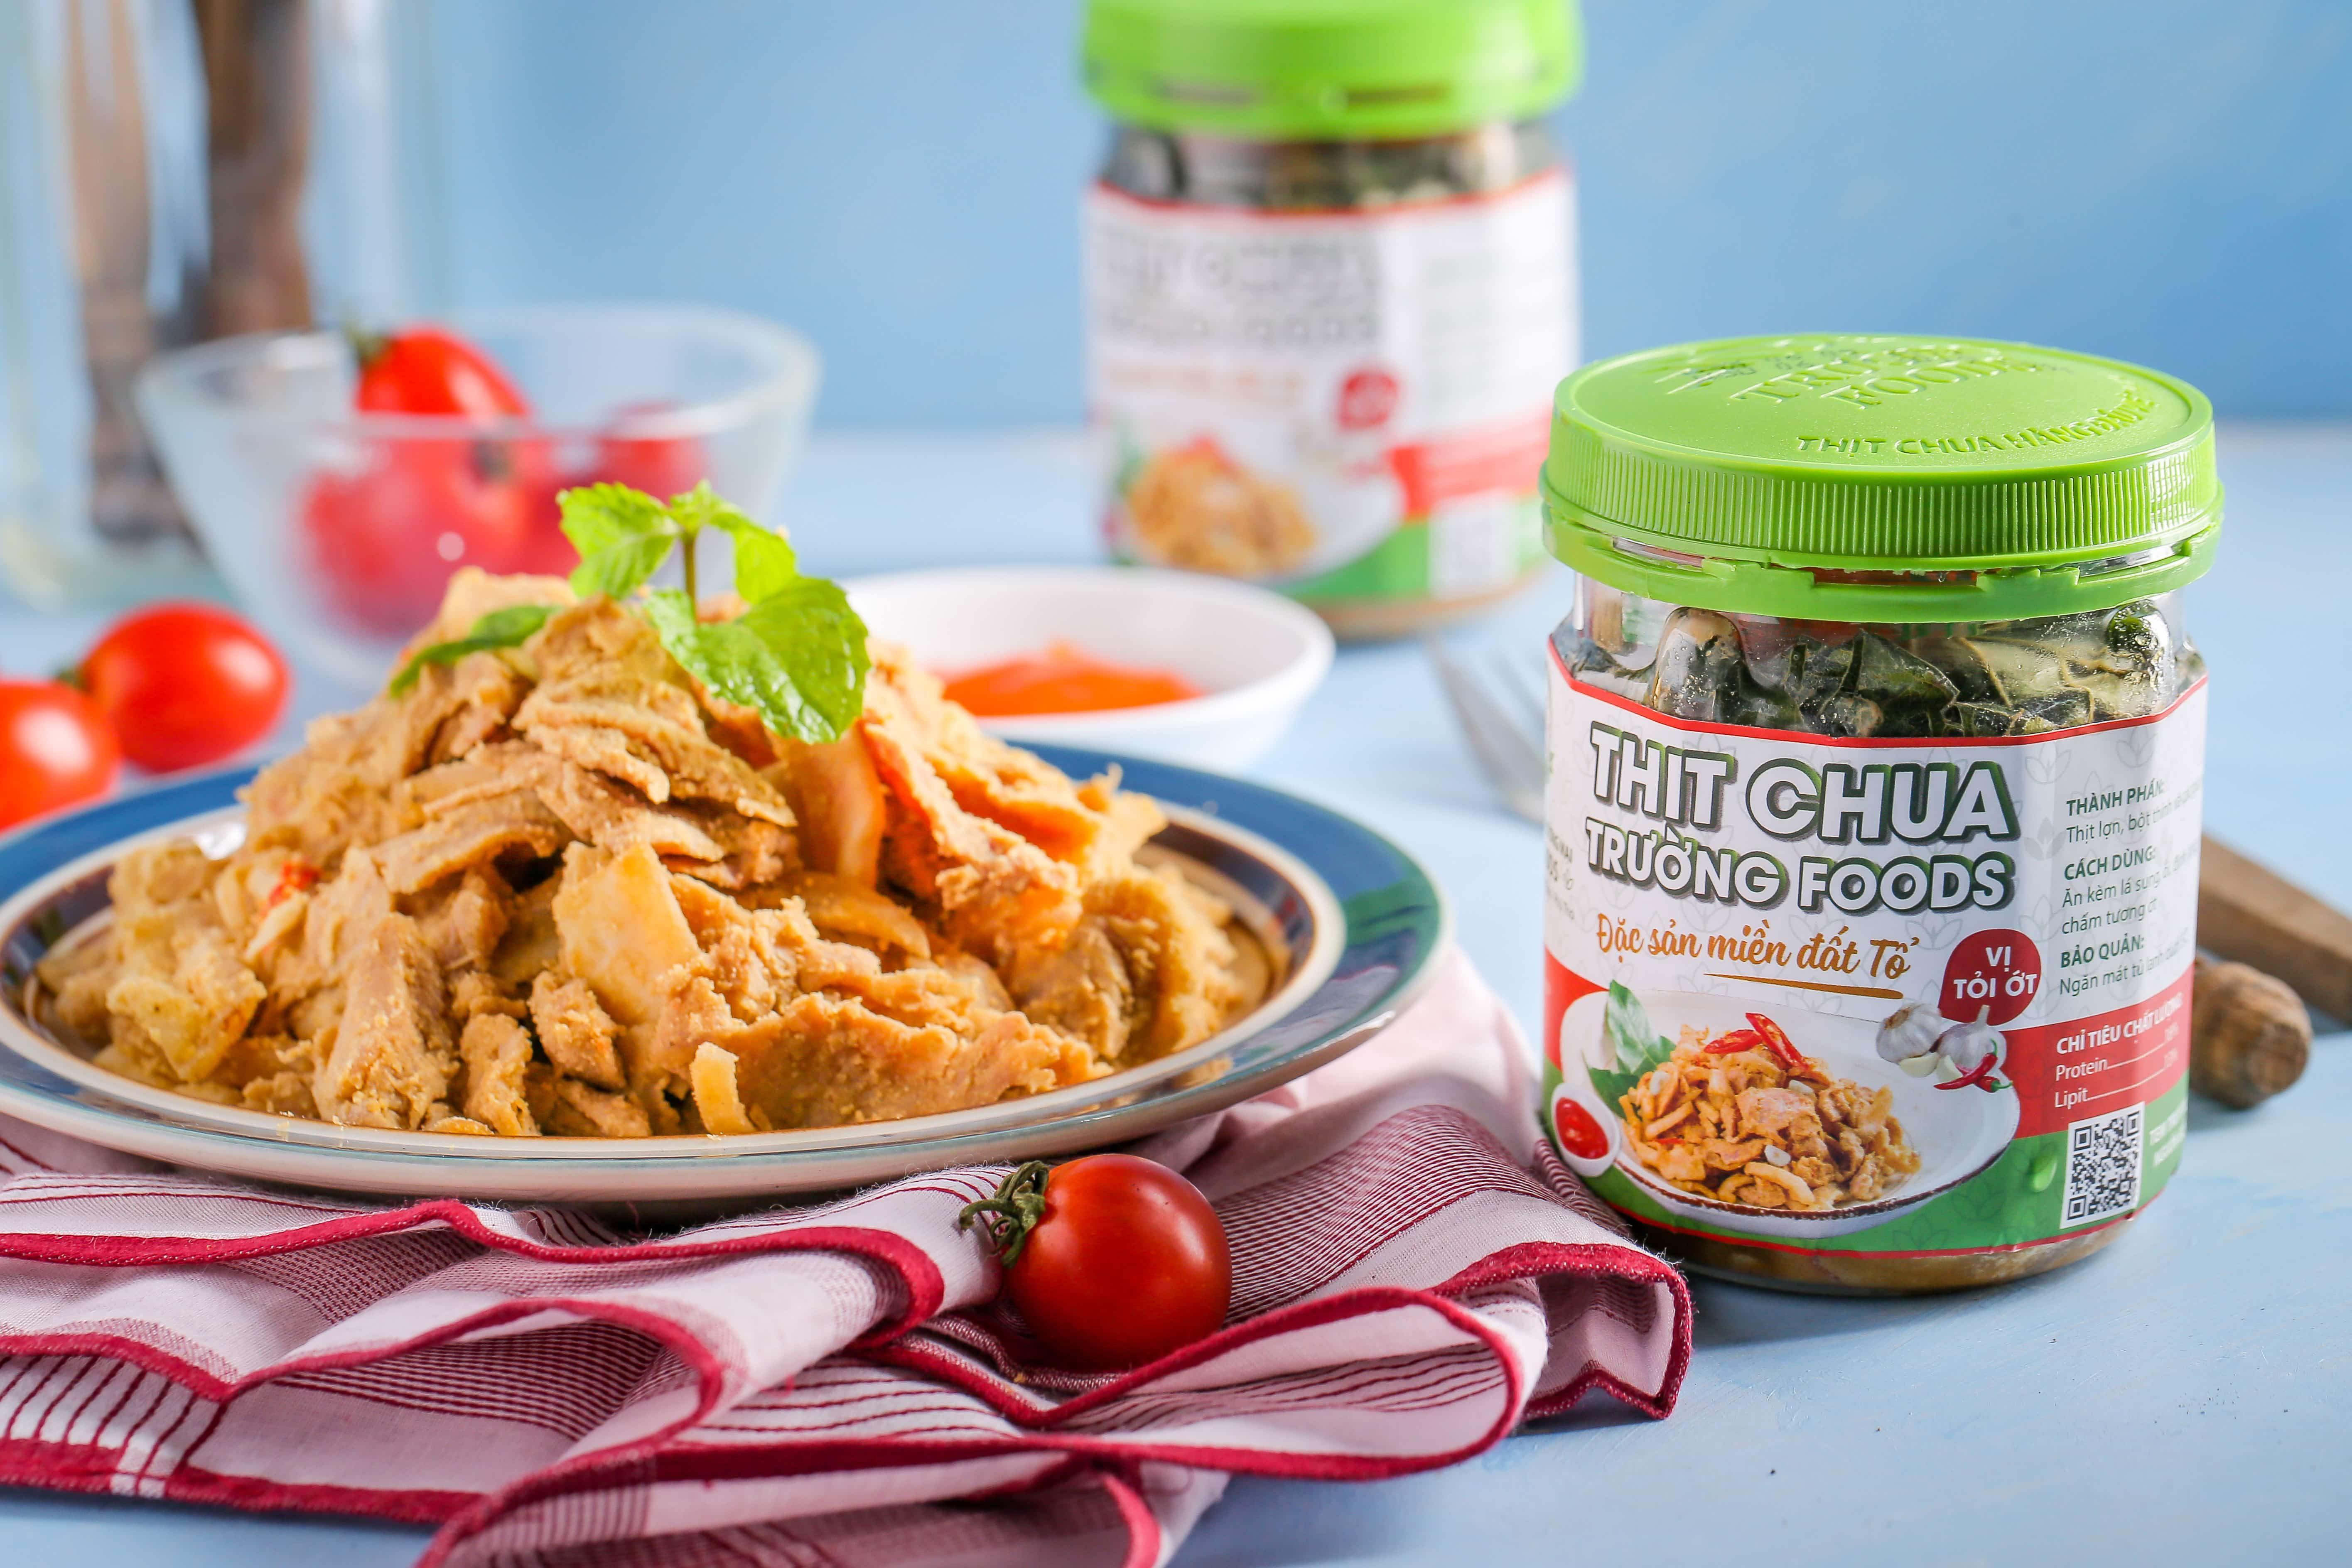 Cách làm thịt chua đơn giản, chua ngon đúng điệu – Thịt chua TRƯỜNG FOODS